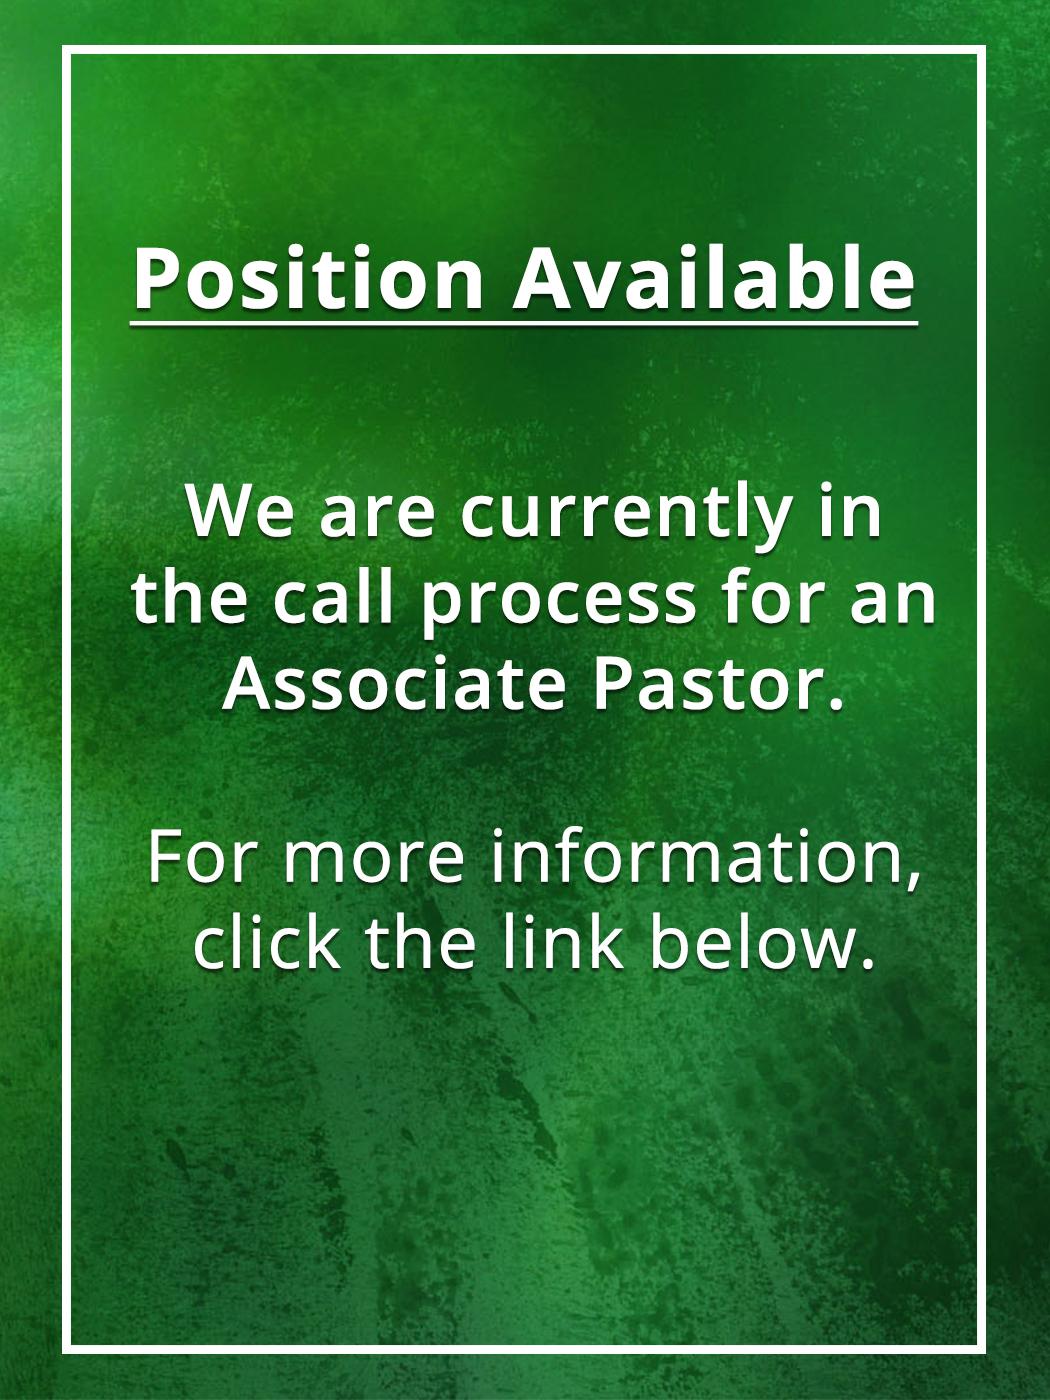 Asscociate Pastor